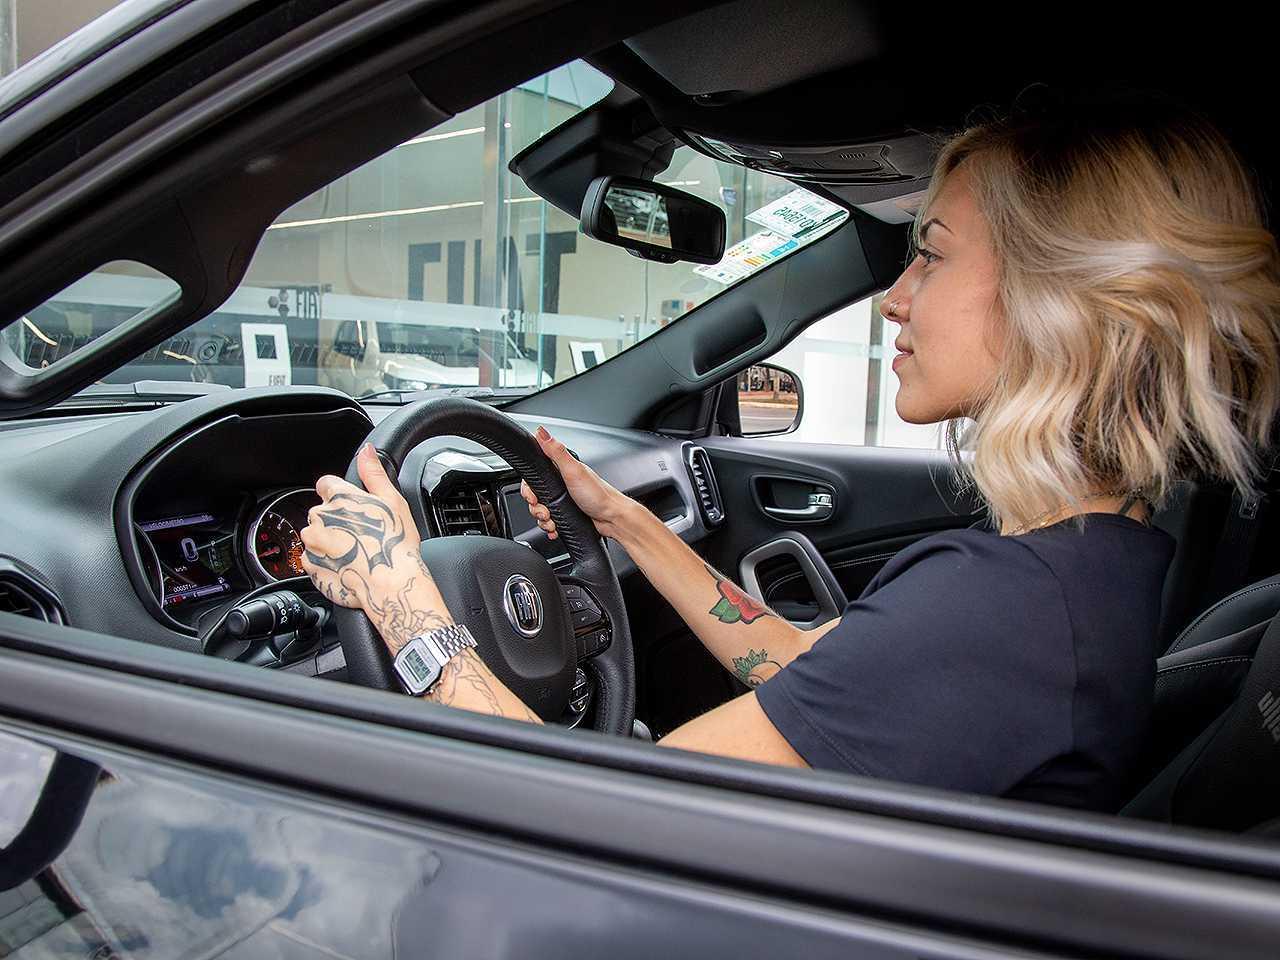 Carro 0 km: negociação será mais favorável com a produção regularizada